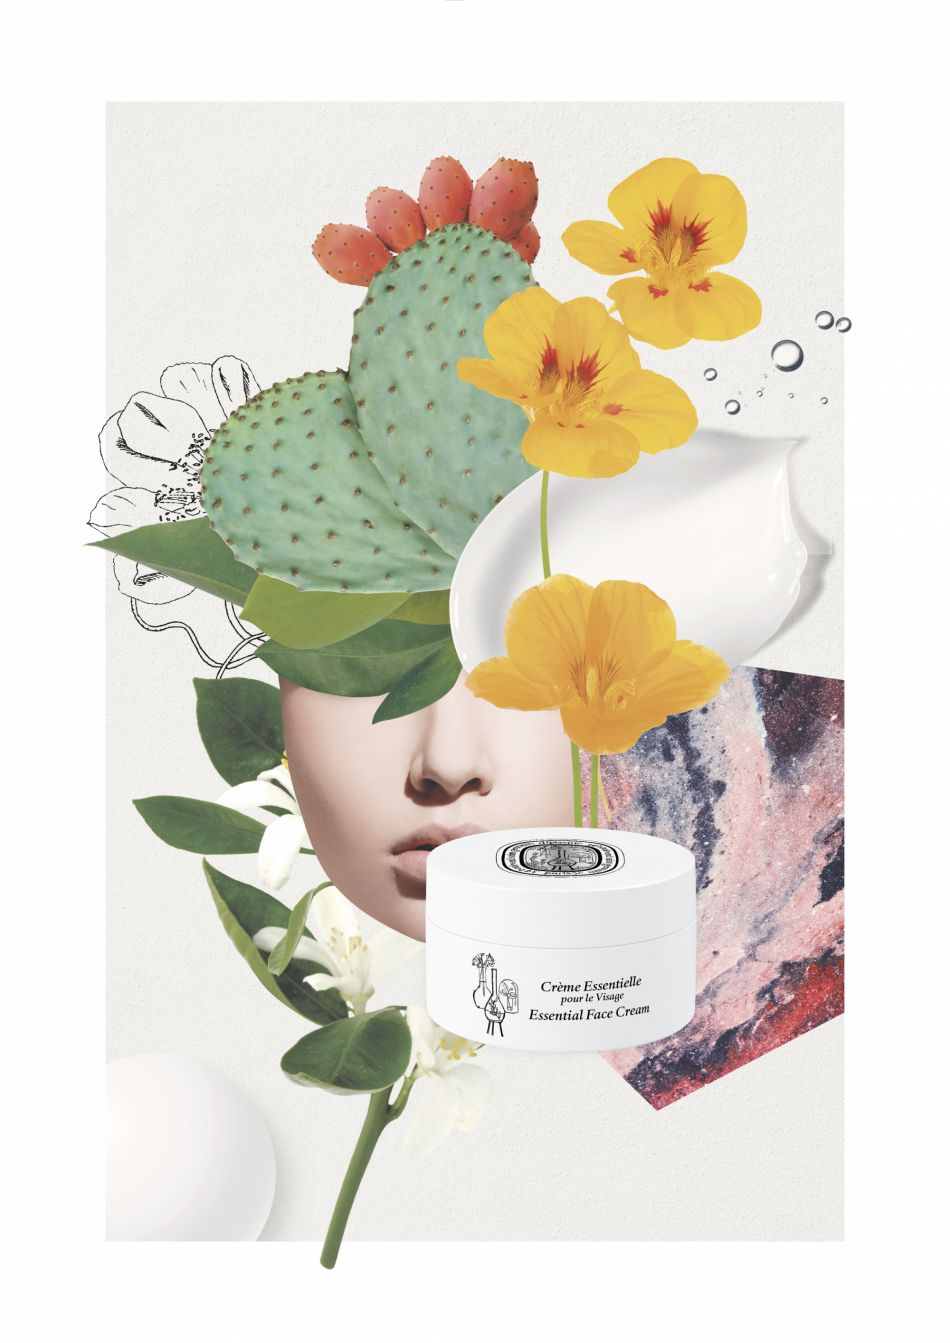 La crème essentielle pour le visage, une texture douce et un parfum ennivrant.